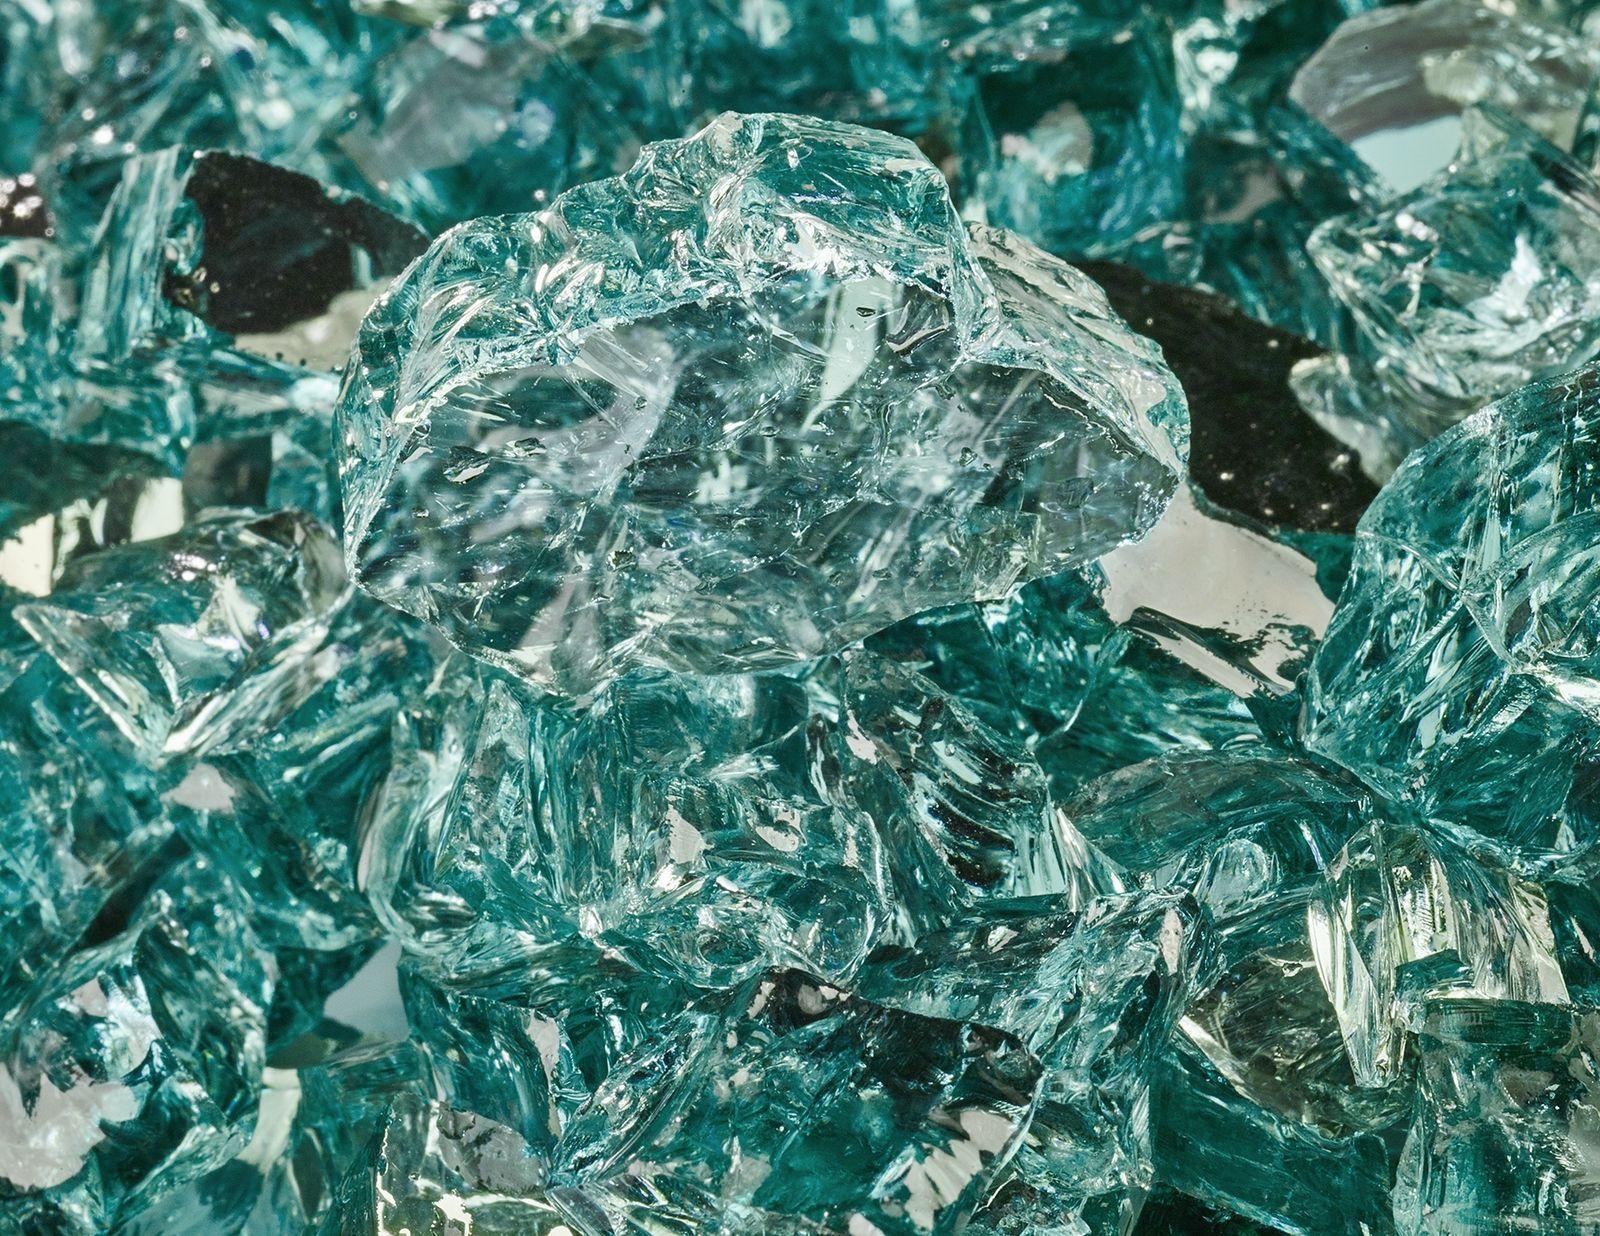 46b73af77eac42372ecb82fb8987da99 Top Result 50 Unique Diamond Fire Glass Image 2017 Pkt6